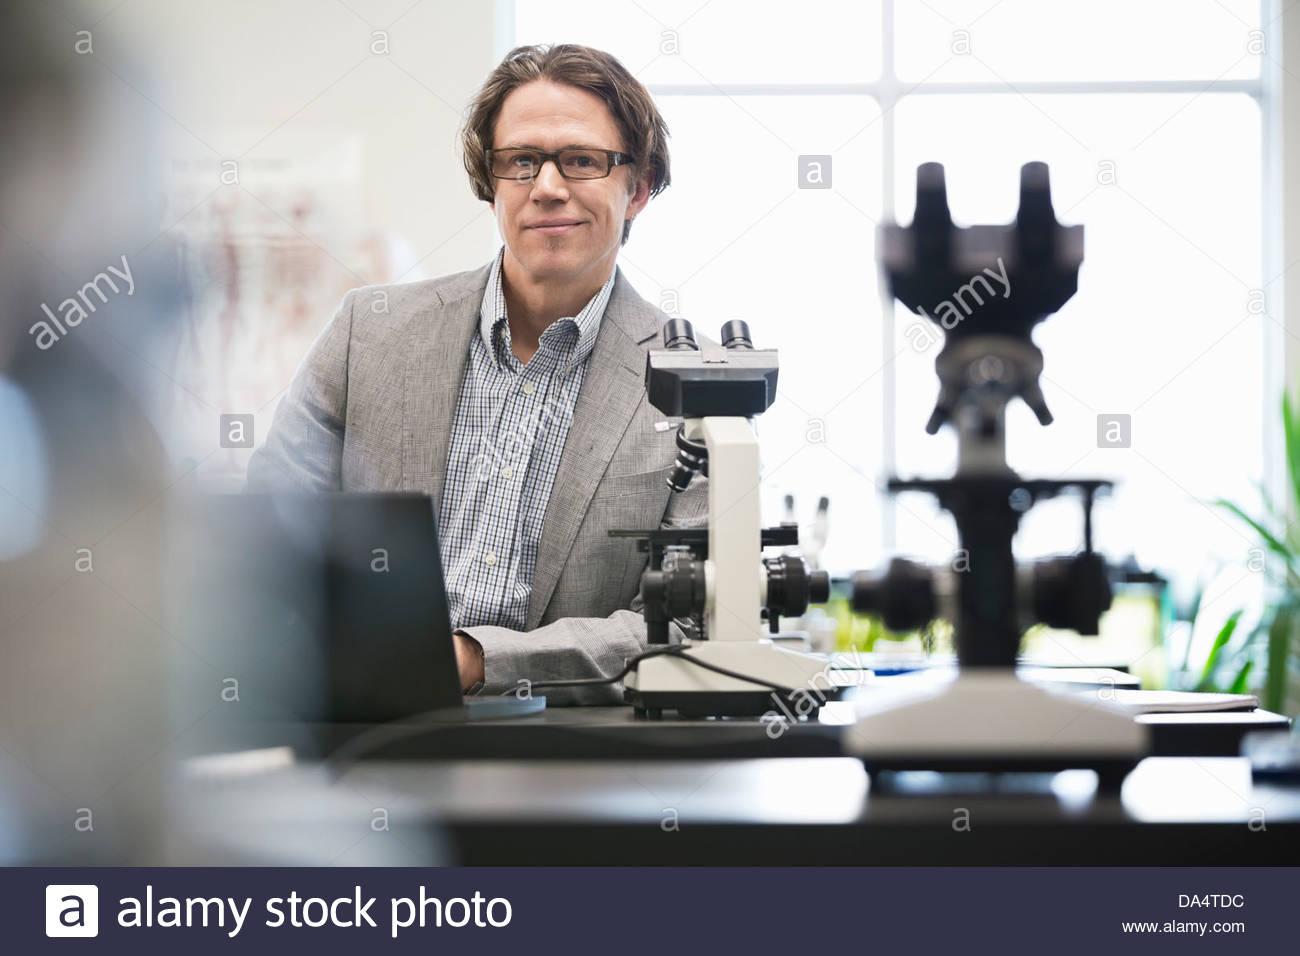 Portrait de l'homme professeur de collège s'appuyant sur le tableau dans la science lab Photo Stock